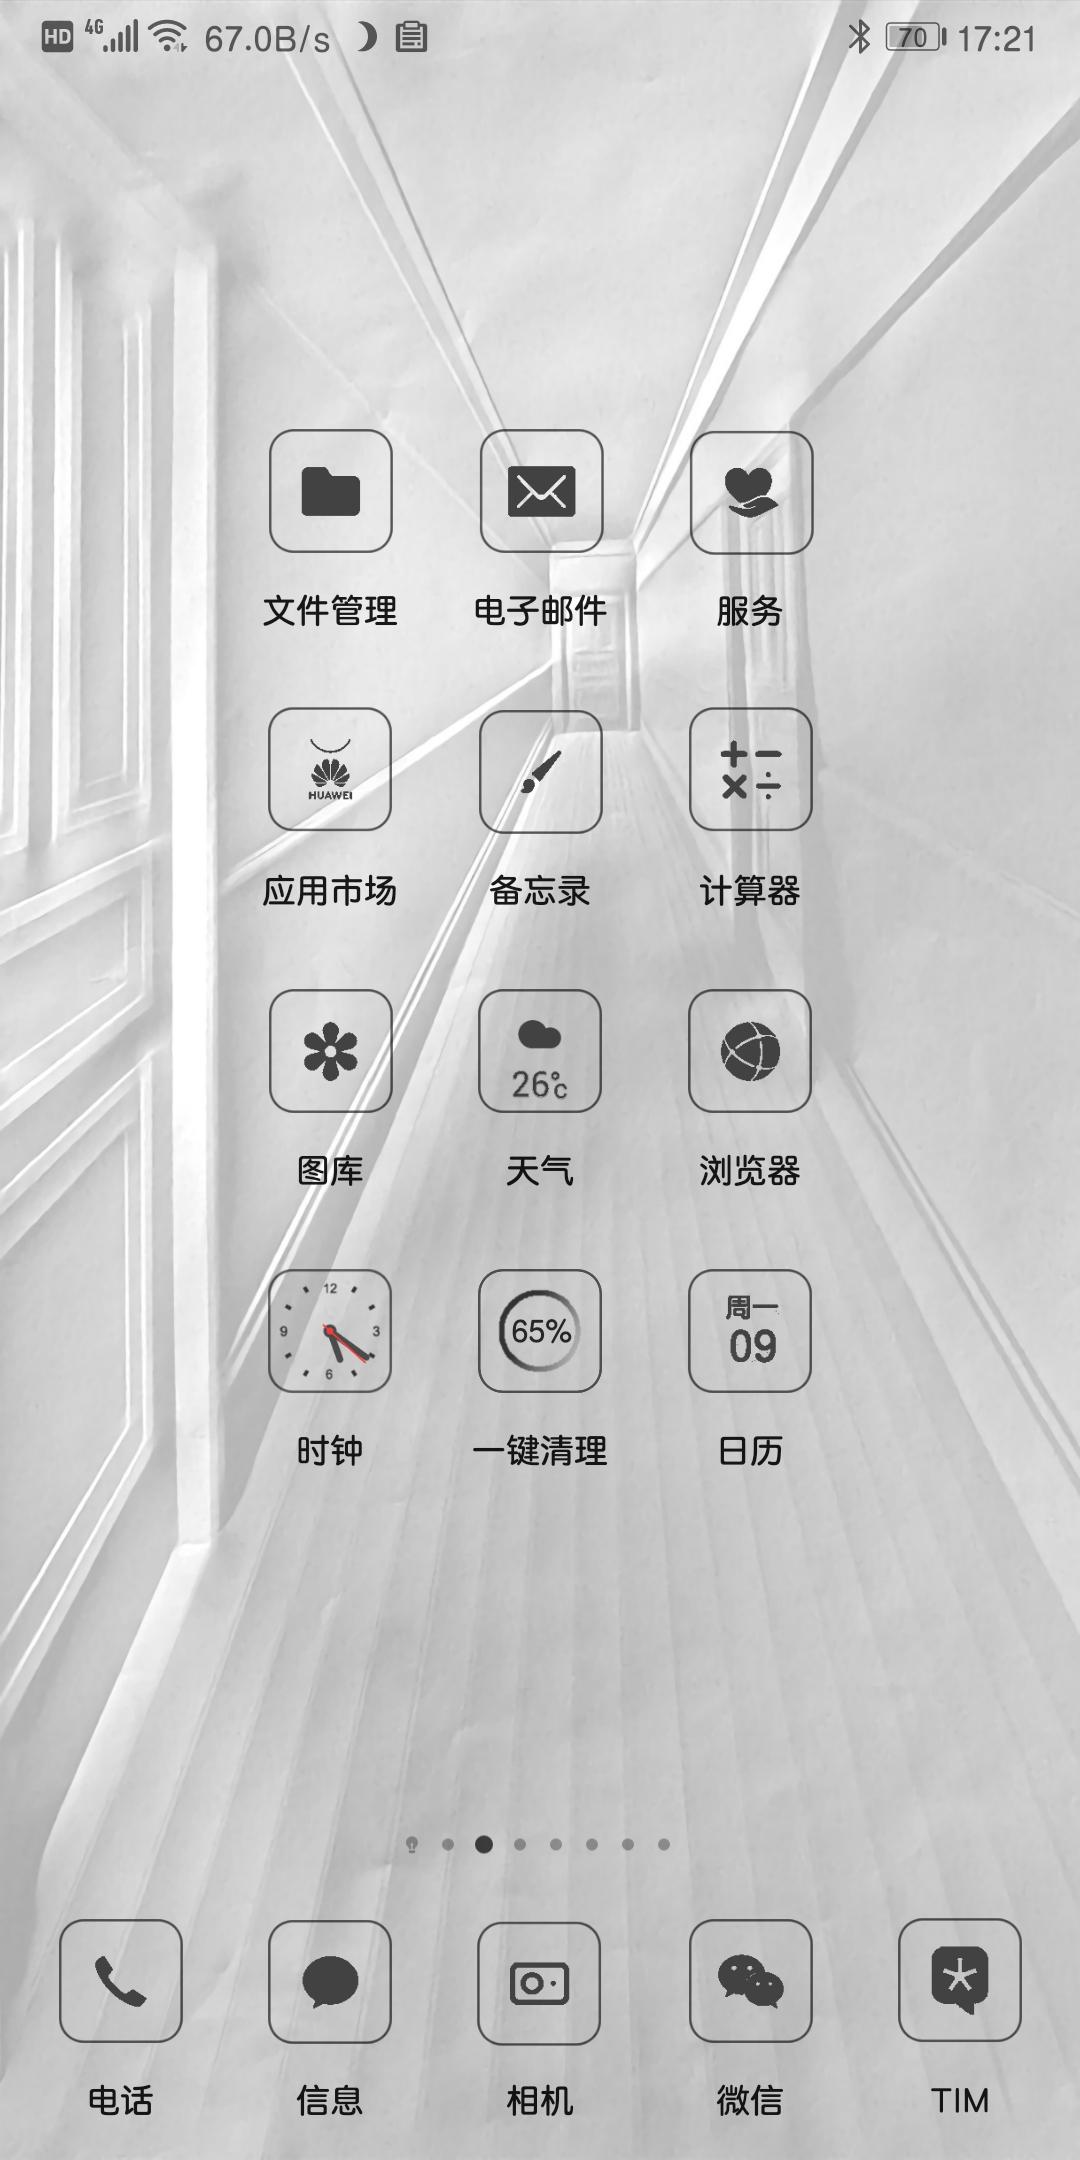 Screenshot_20200309_172123_com.huawei.android.launcher.jpg